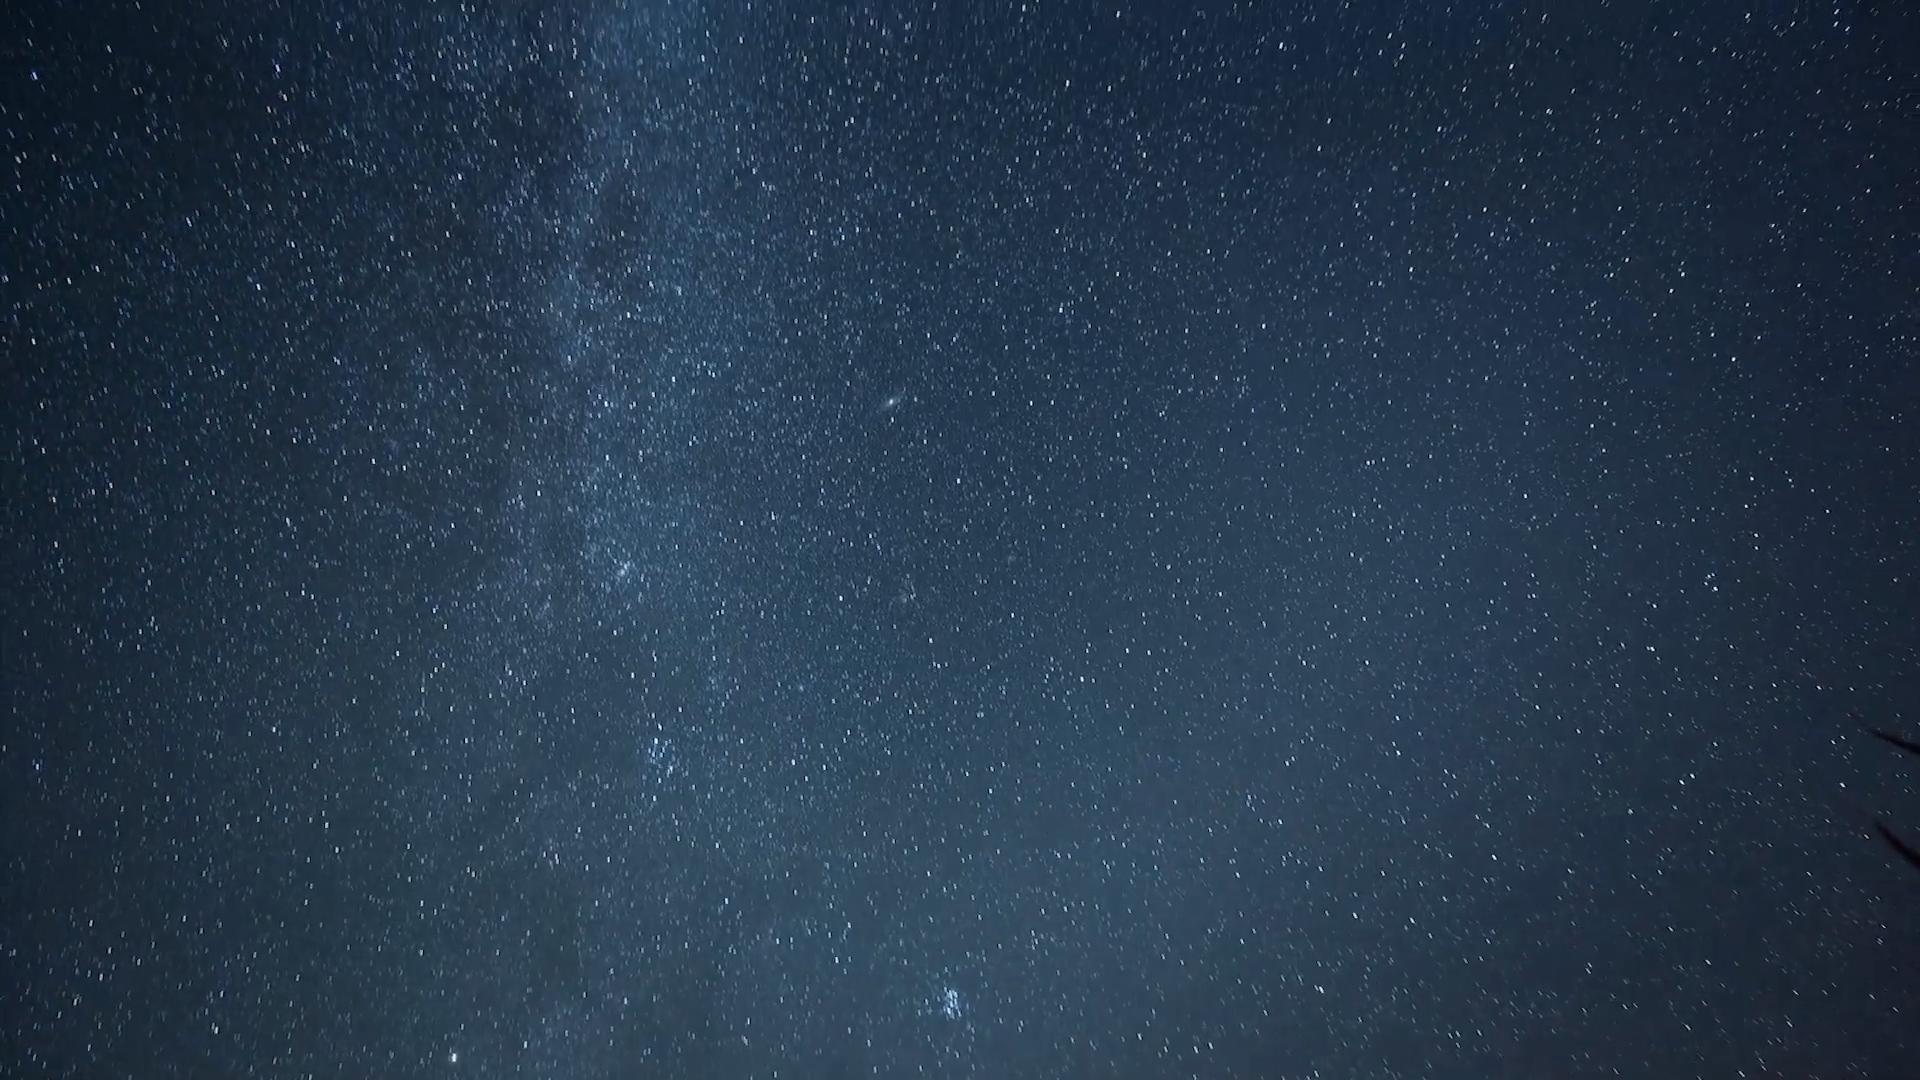 美丽的星空延时摄影